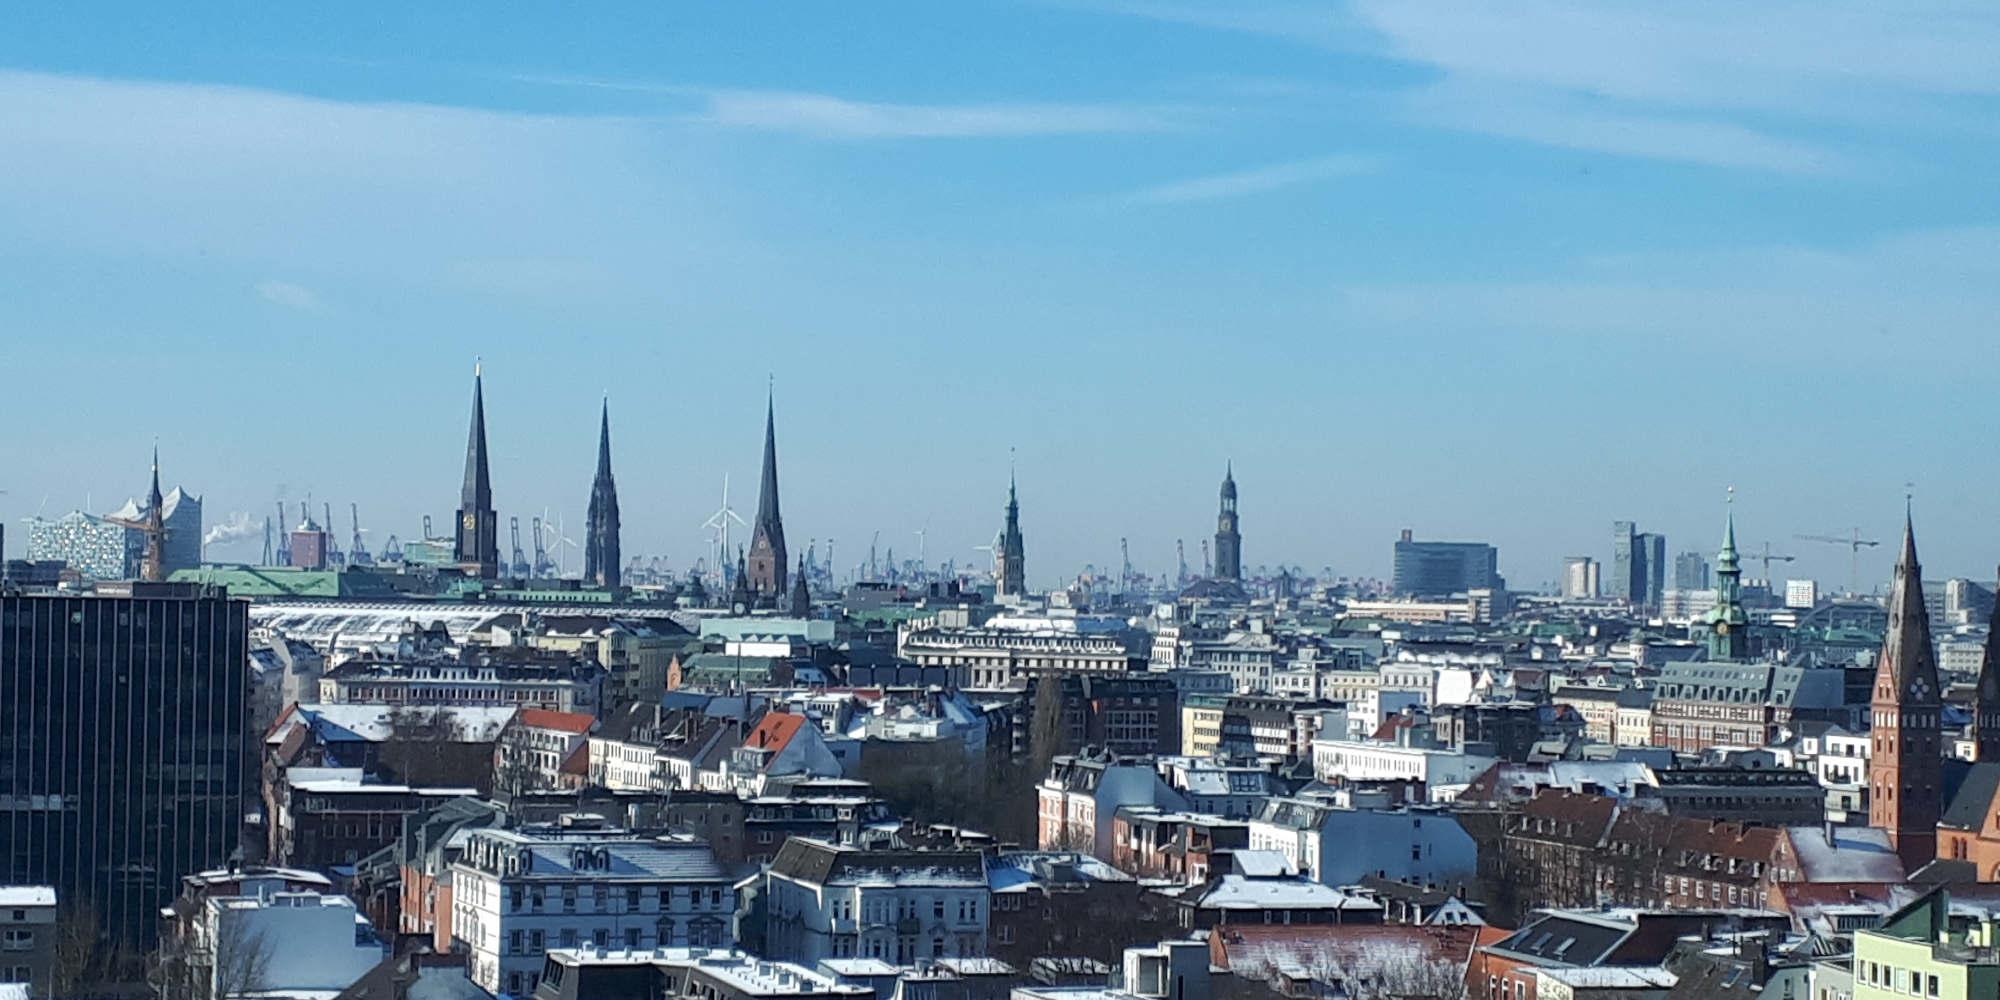 Thomas-Gilde-Hamburg